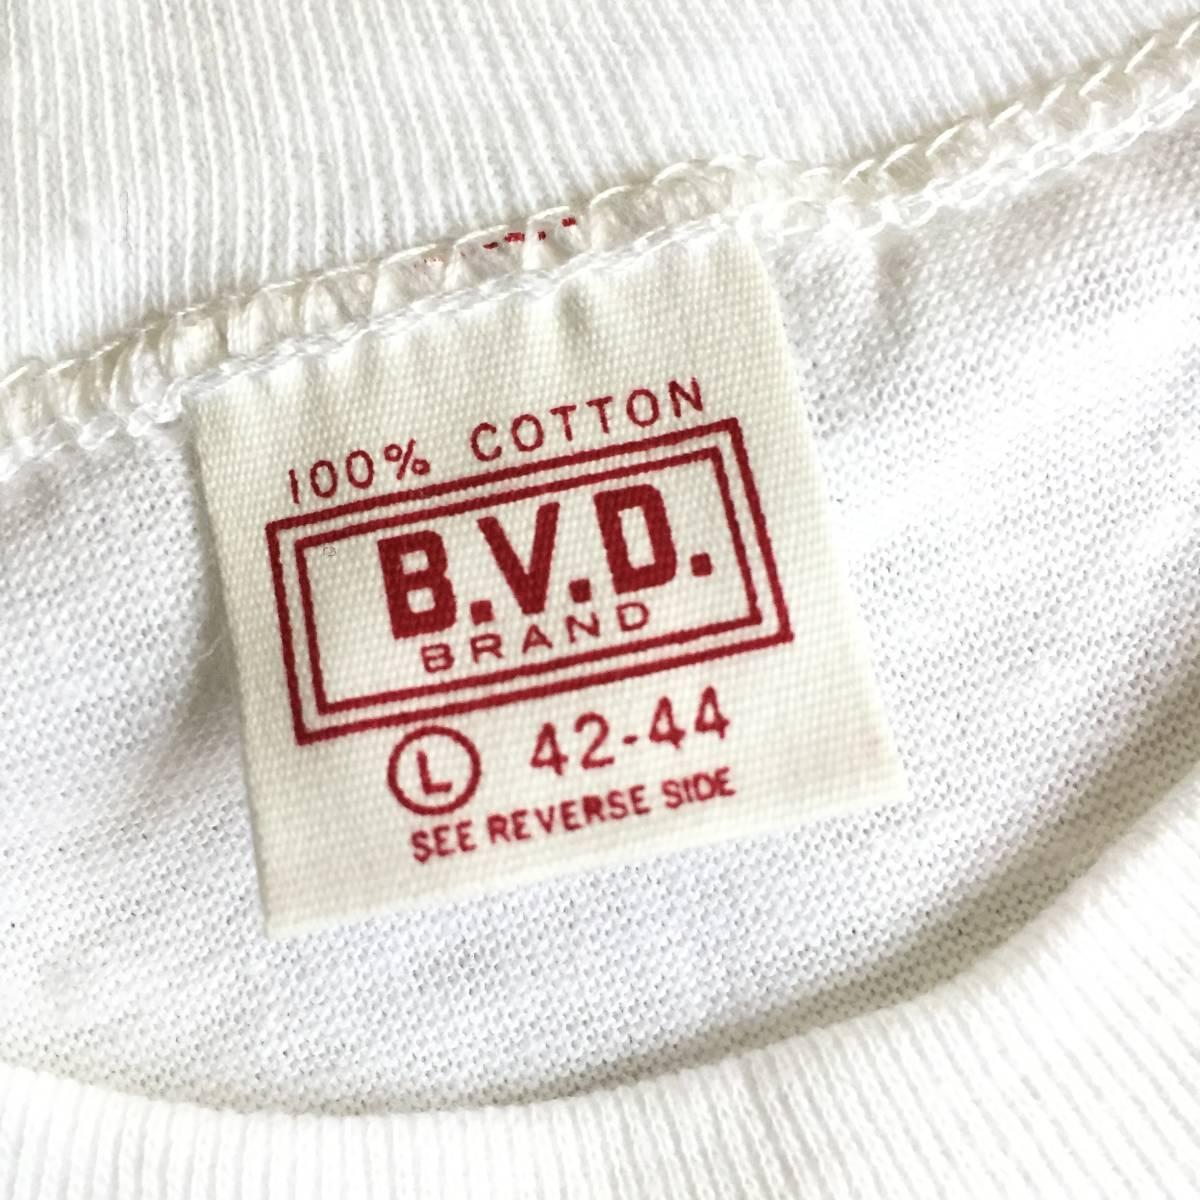 1972 70s USA製 デッドストック Lサイズ BVD 丸首 白 無地 Tシャツ アンダーシャツ VINTAGE _画像4